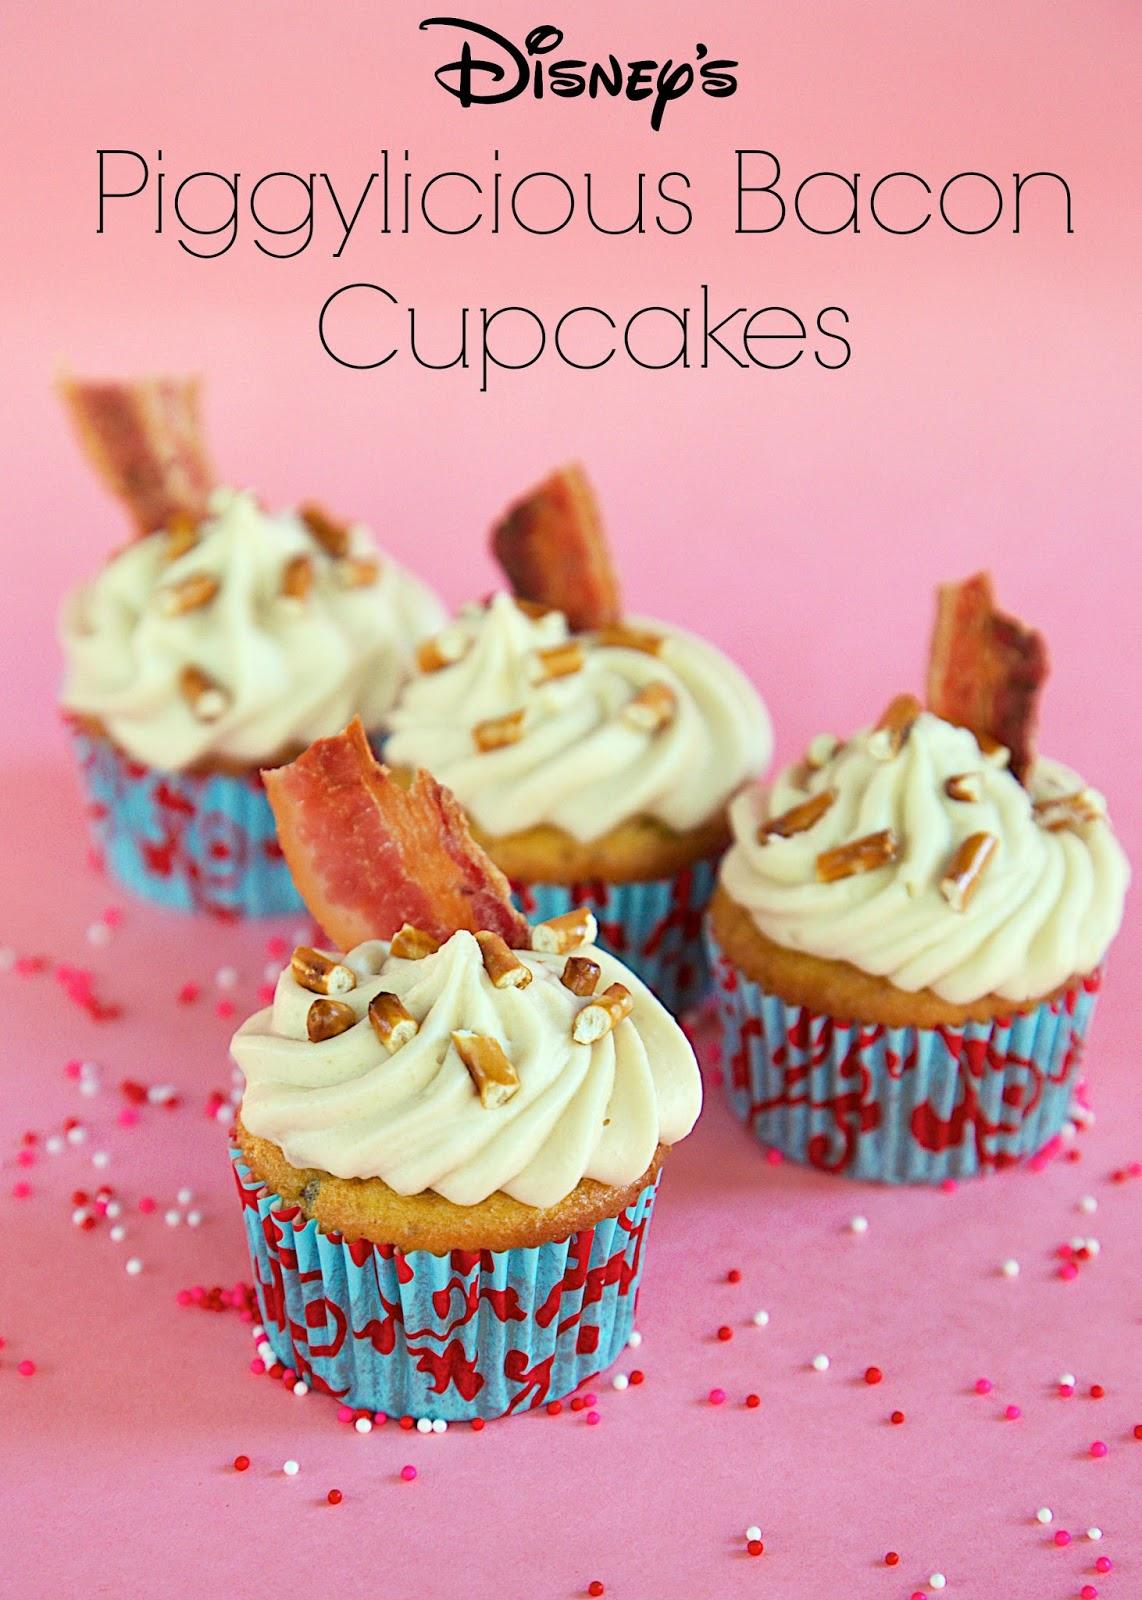 Disney's Piggylicious Bacon Cupcakes - Maple Bacon Cupcakes